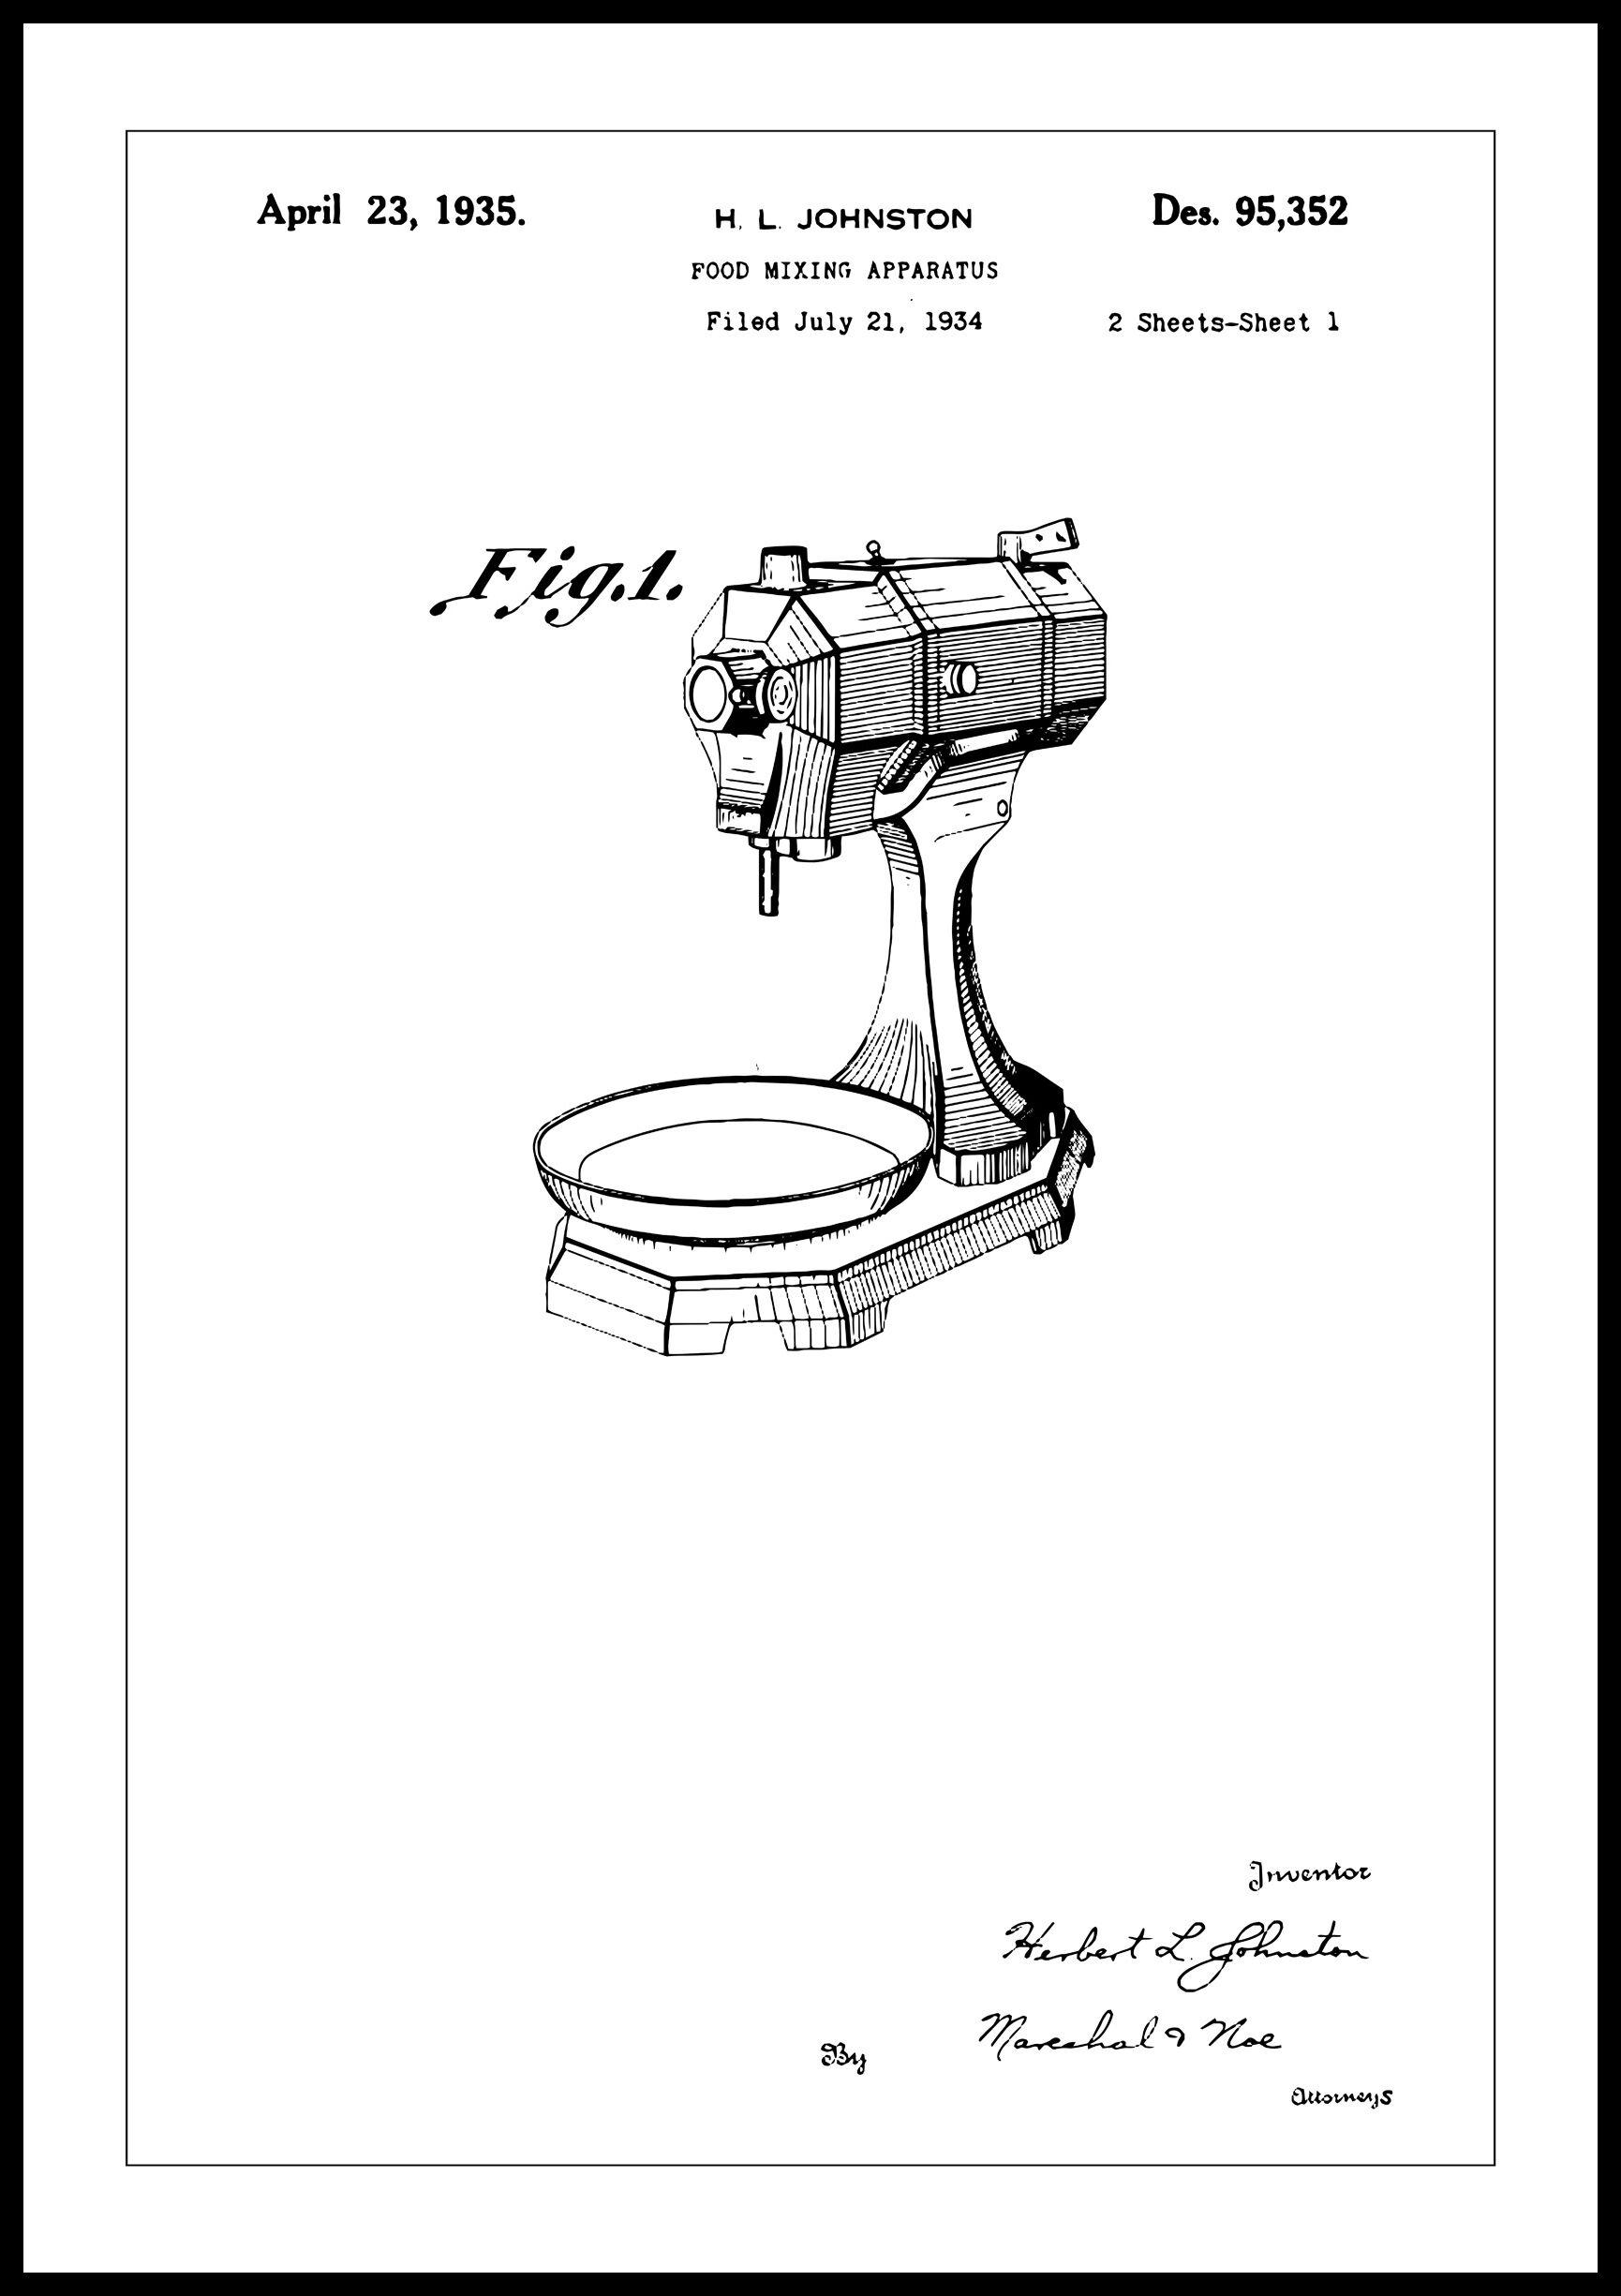 Bildverkstad Patentti Piirustus - Keittiökone I - Juliste